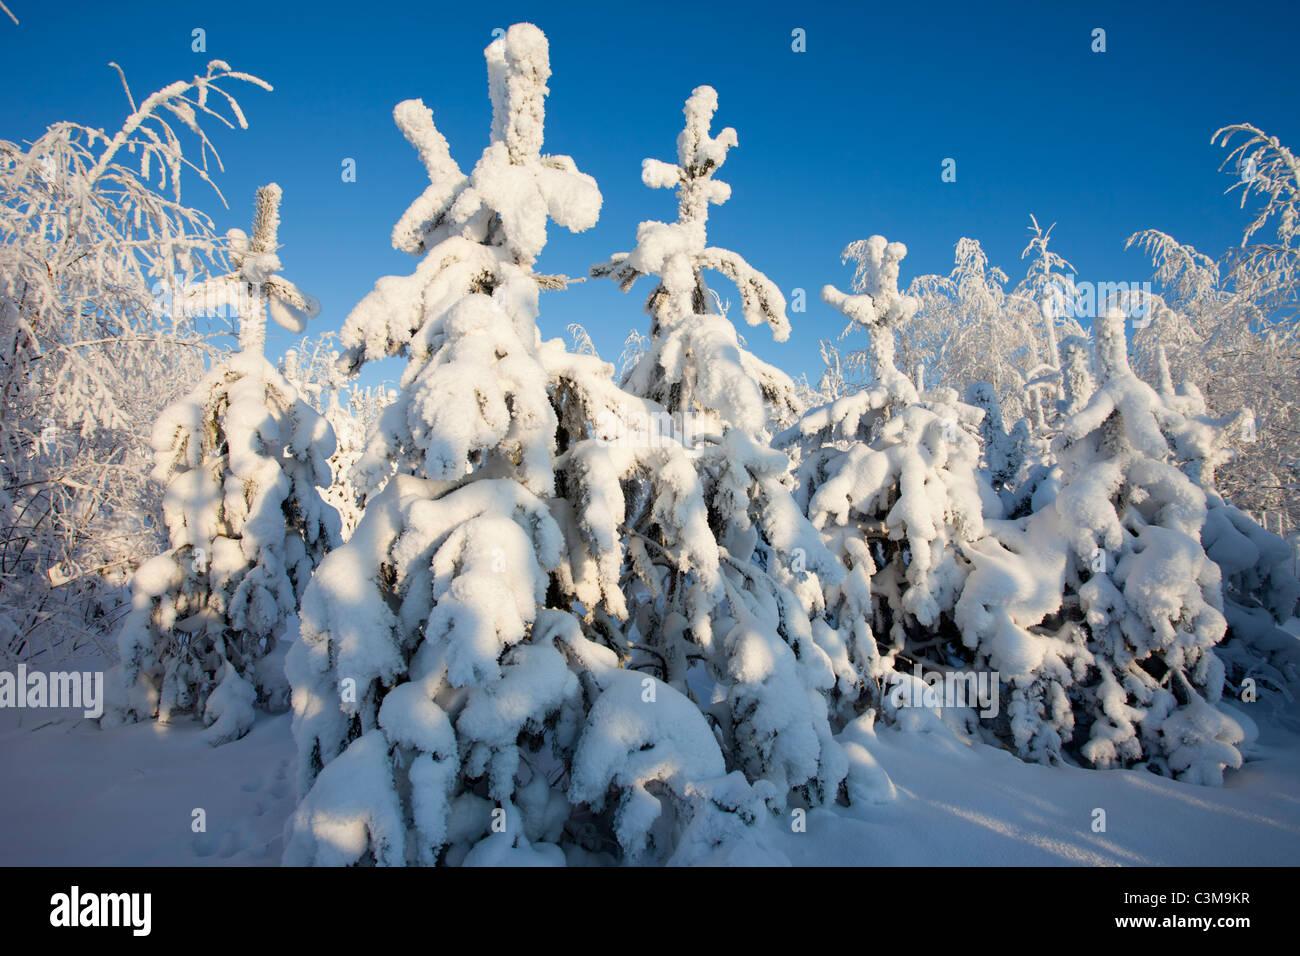 Snow covered pine ( pinus sylvestris ) saplings , Finland - Stock Image